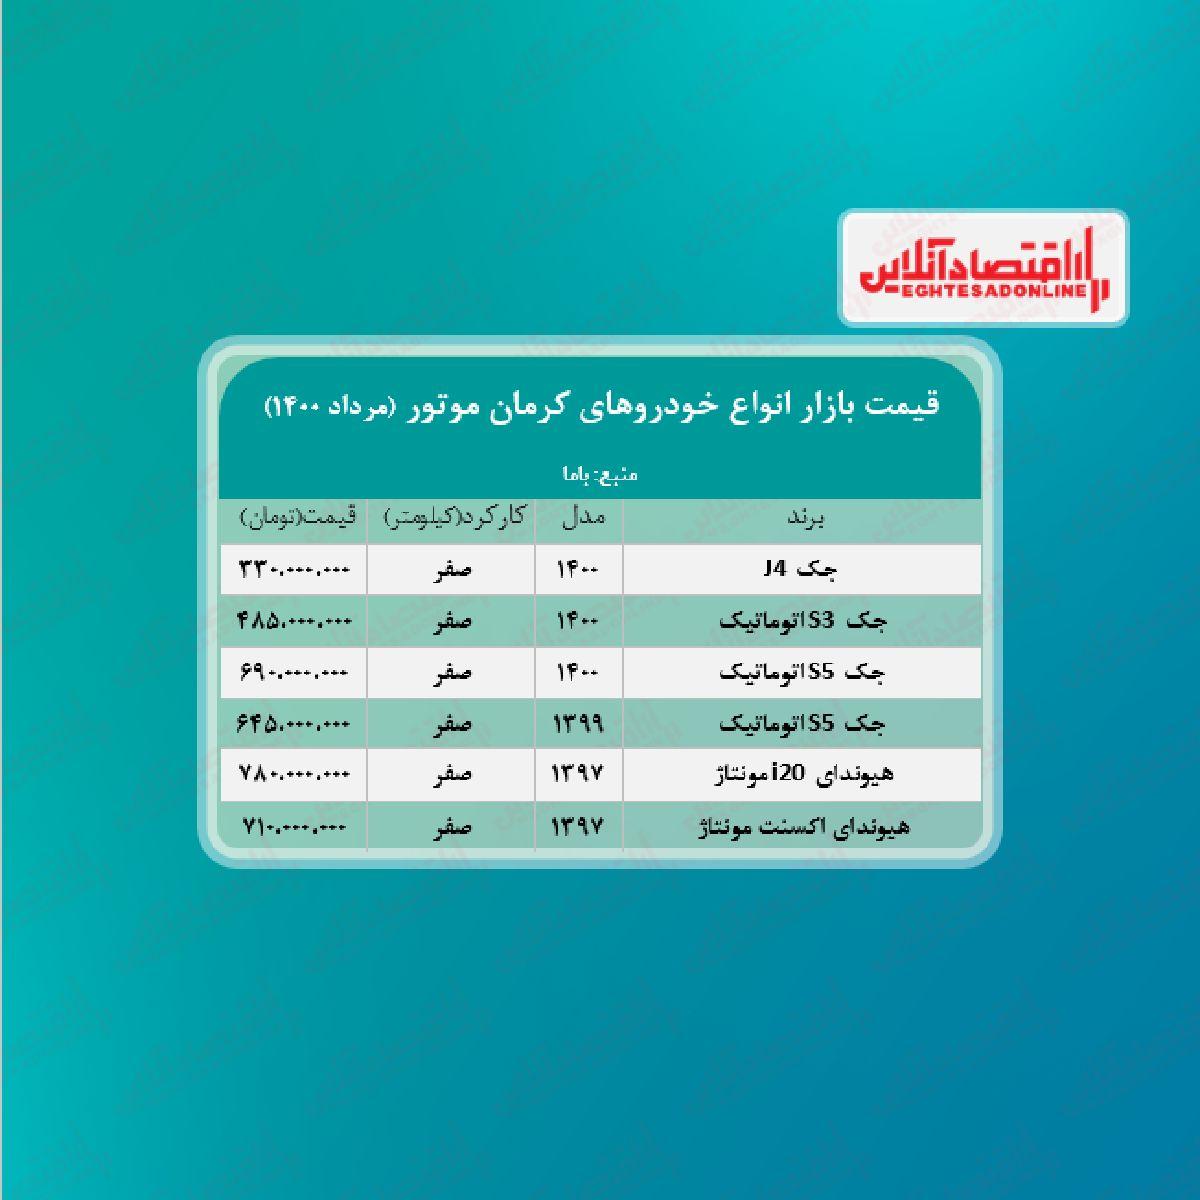 قیمت محصولات کرمان موتور امروز ۱۴۰۰/۵/۱۰